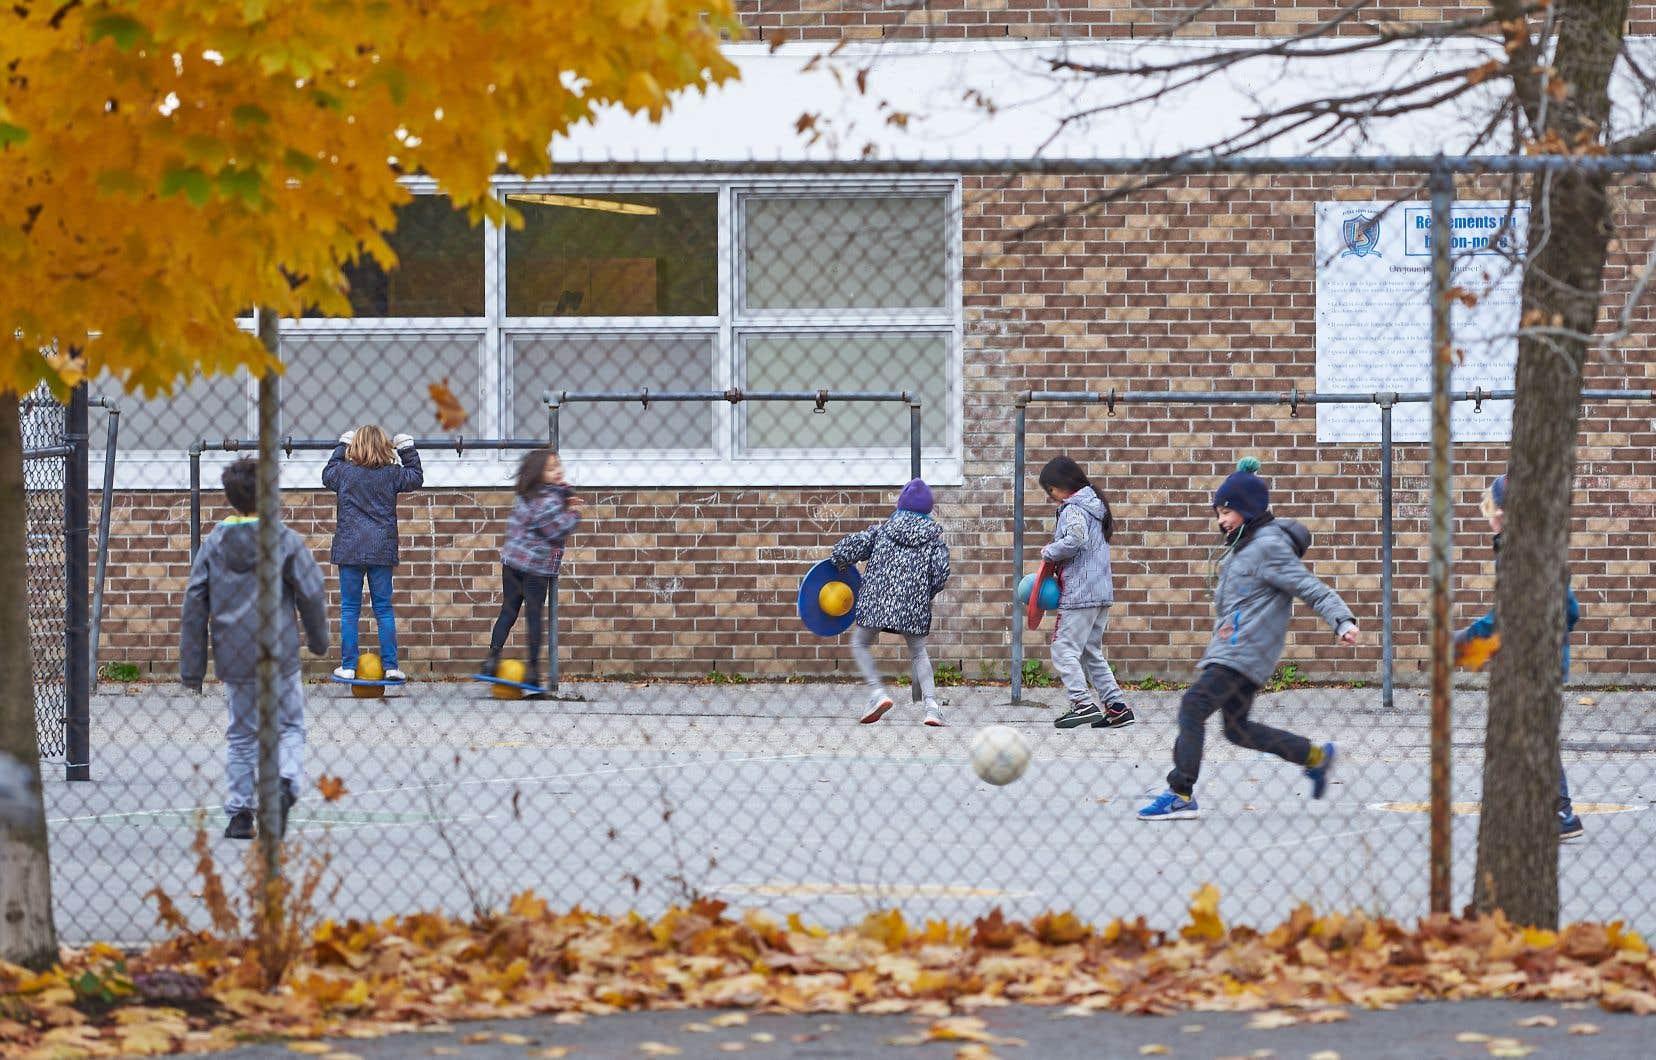 Actuellement, il n'existe aucune balise au Québec pour guider les écoles dans la gestion des récréations.